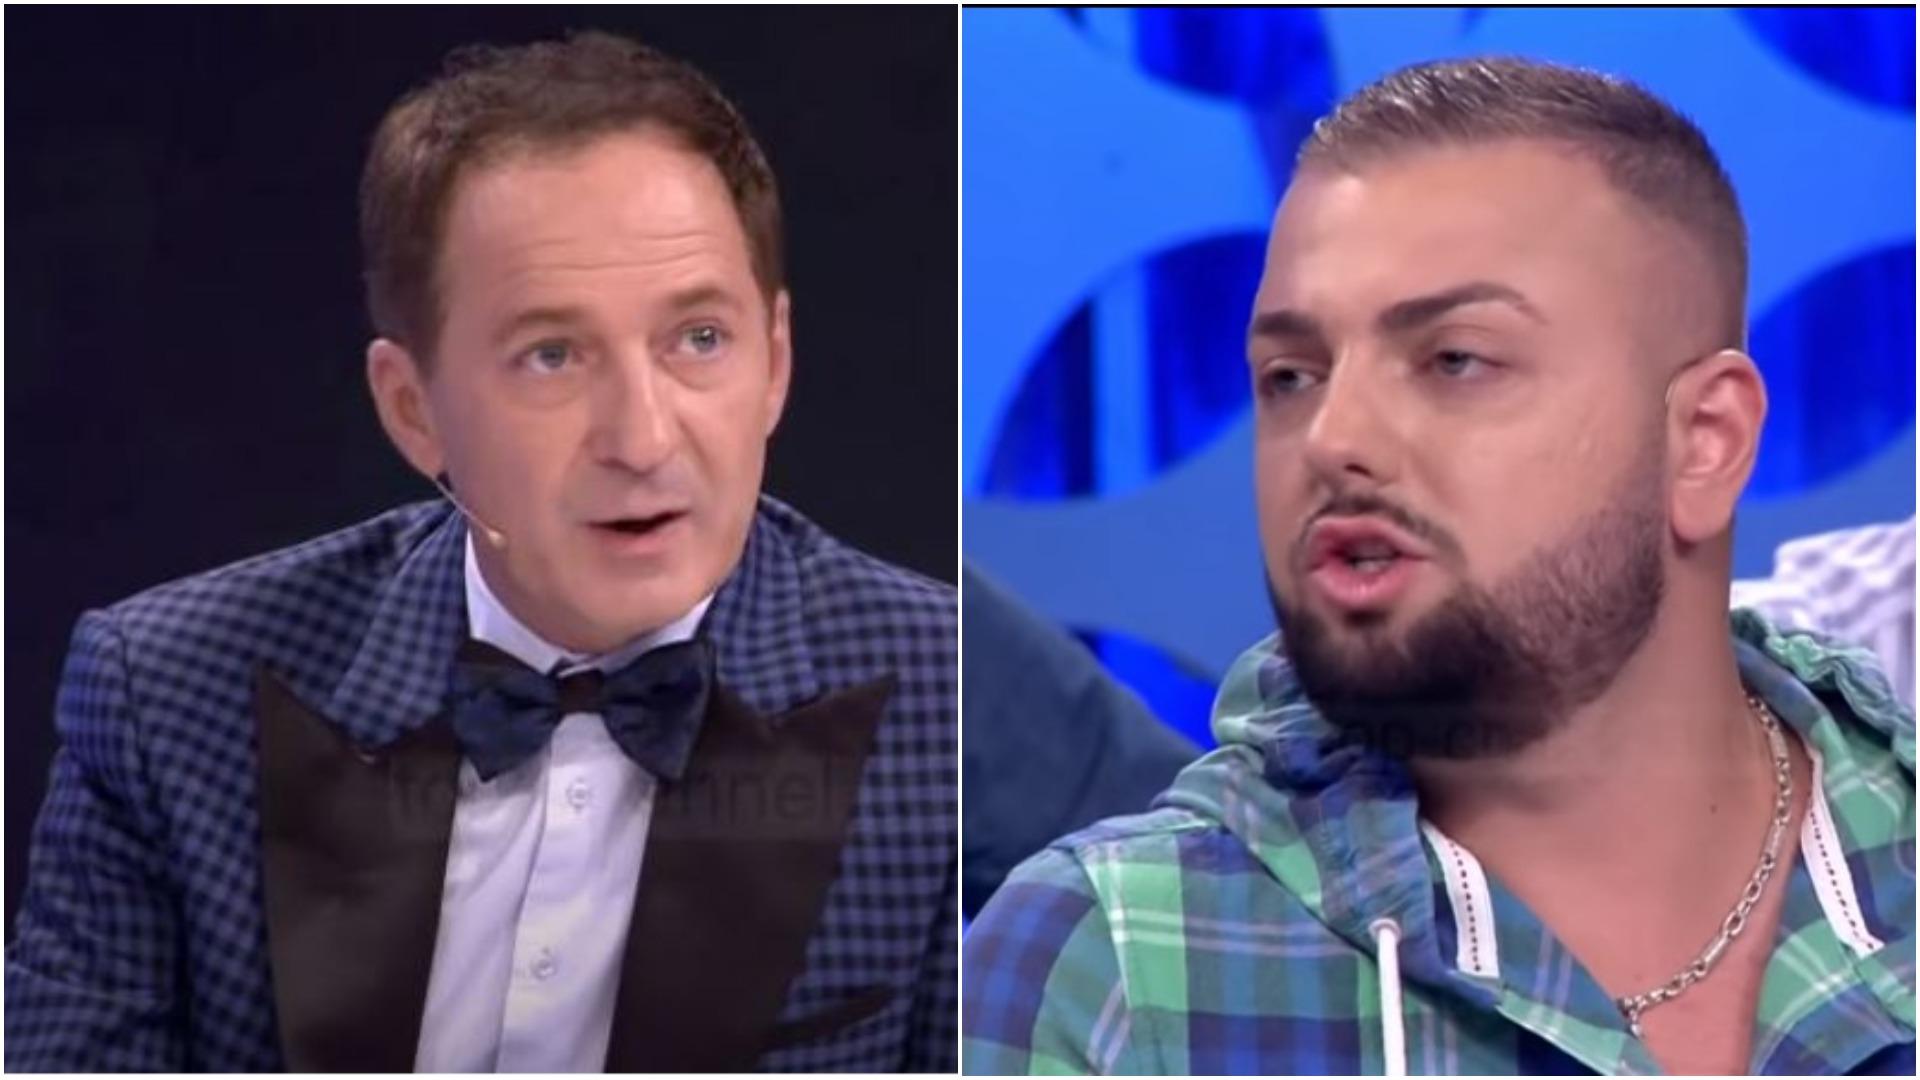 """Nëse në vend të vajzave do të kishte djem a do të vije në emision?""""/ Graciano jep deklaratën e papritur…"""